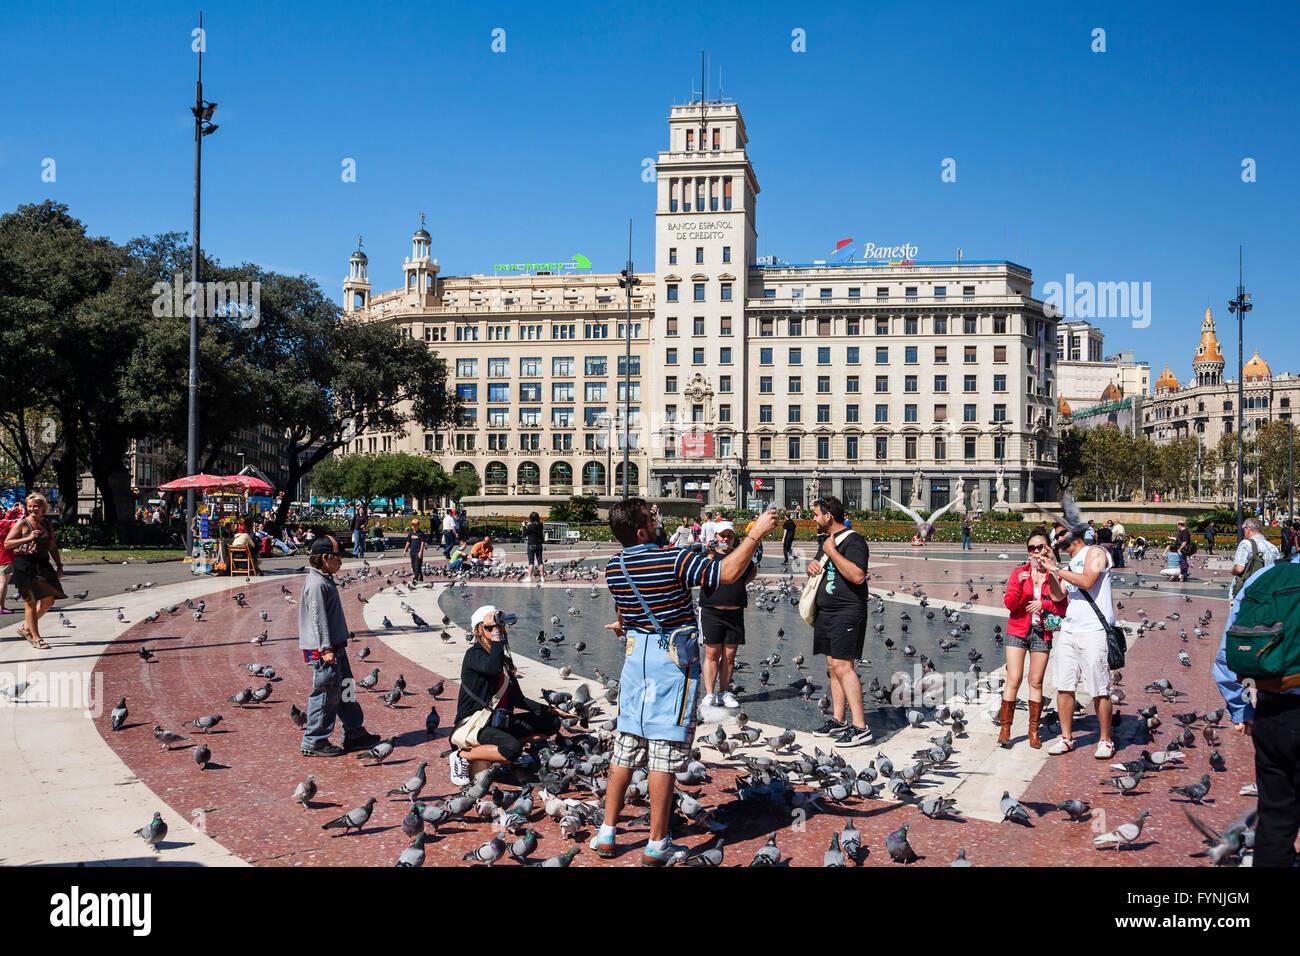 Die Plaza De Catalunya, Touristen mit Tauben, Barcelona, Spanien Stockbild